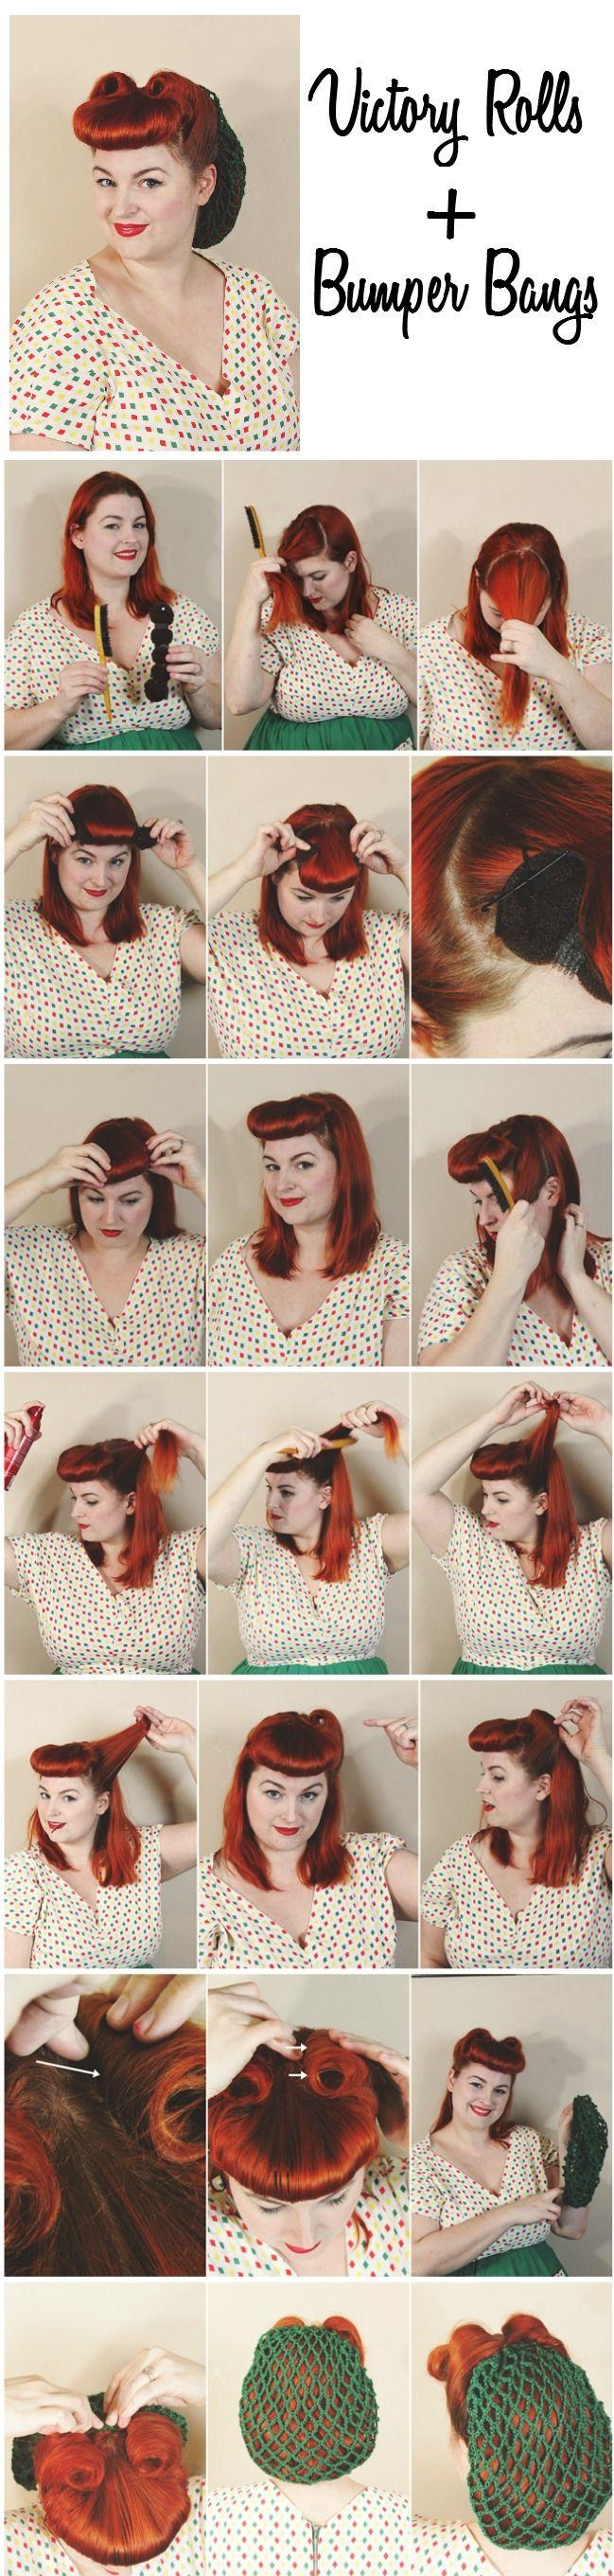 Peinado pinup DIY                                                                                                                                                                                 Más